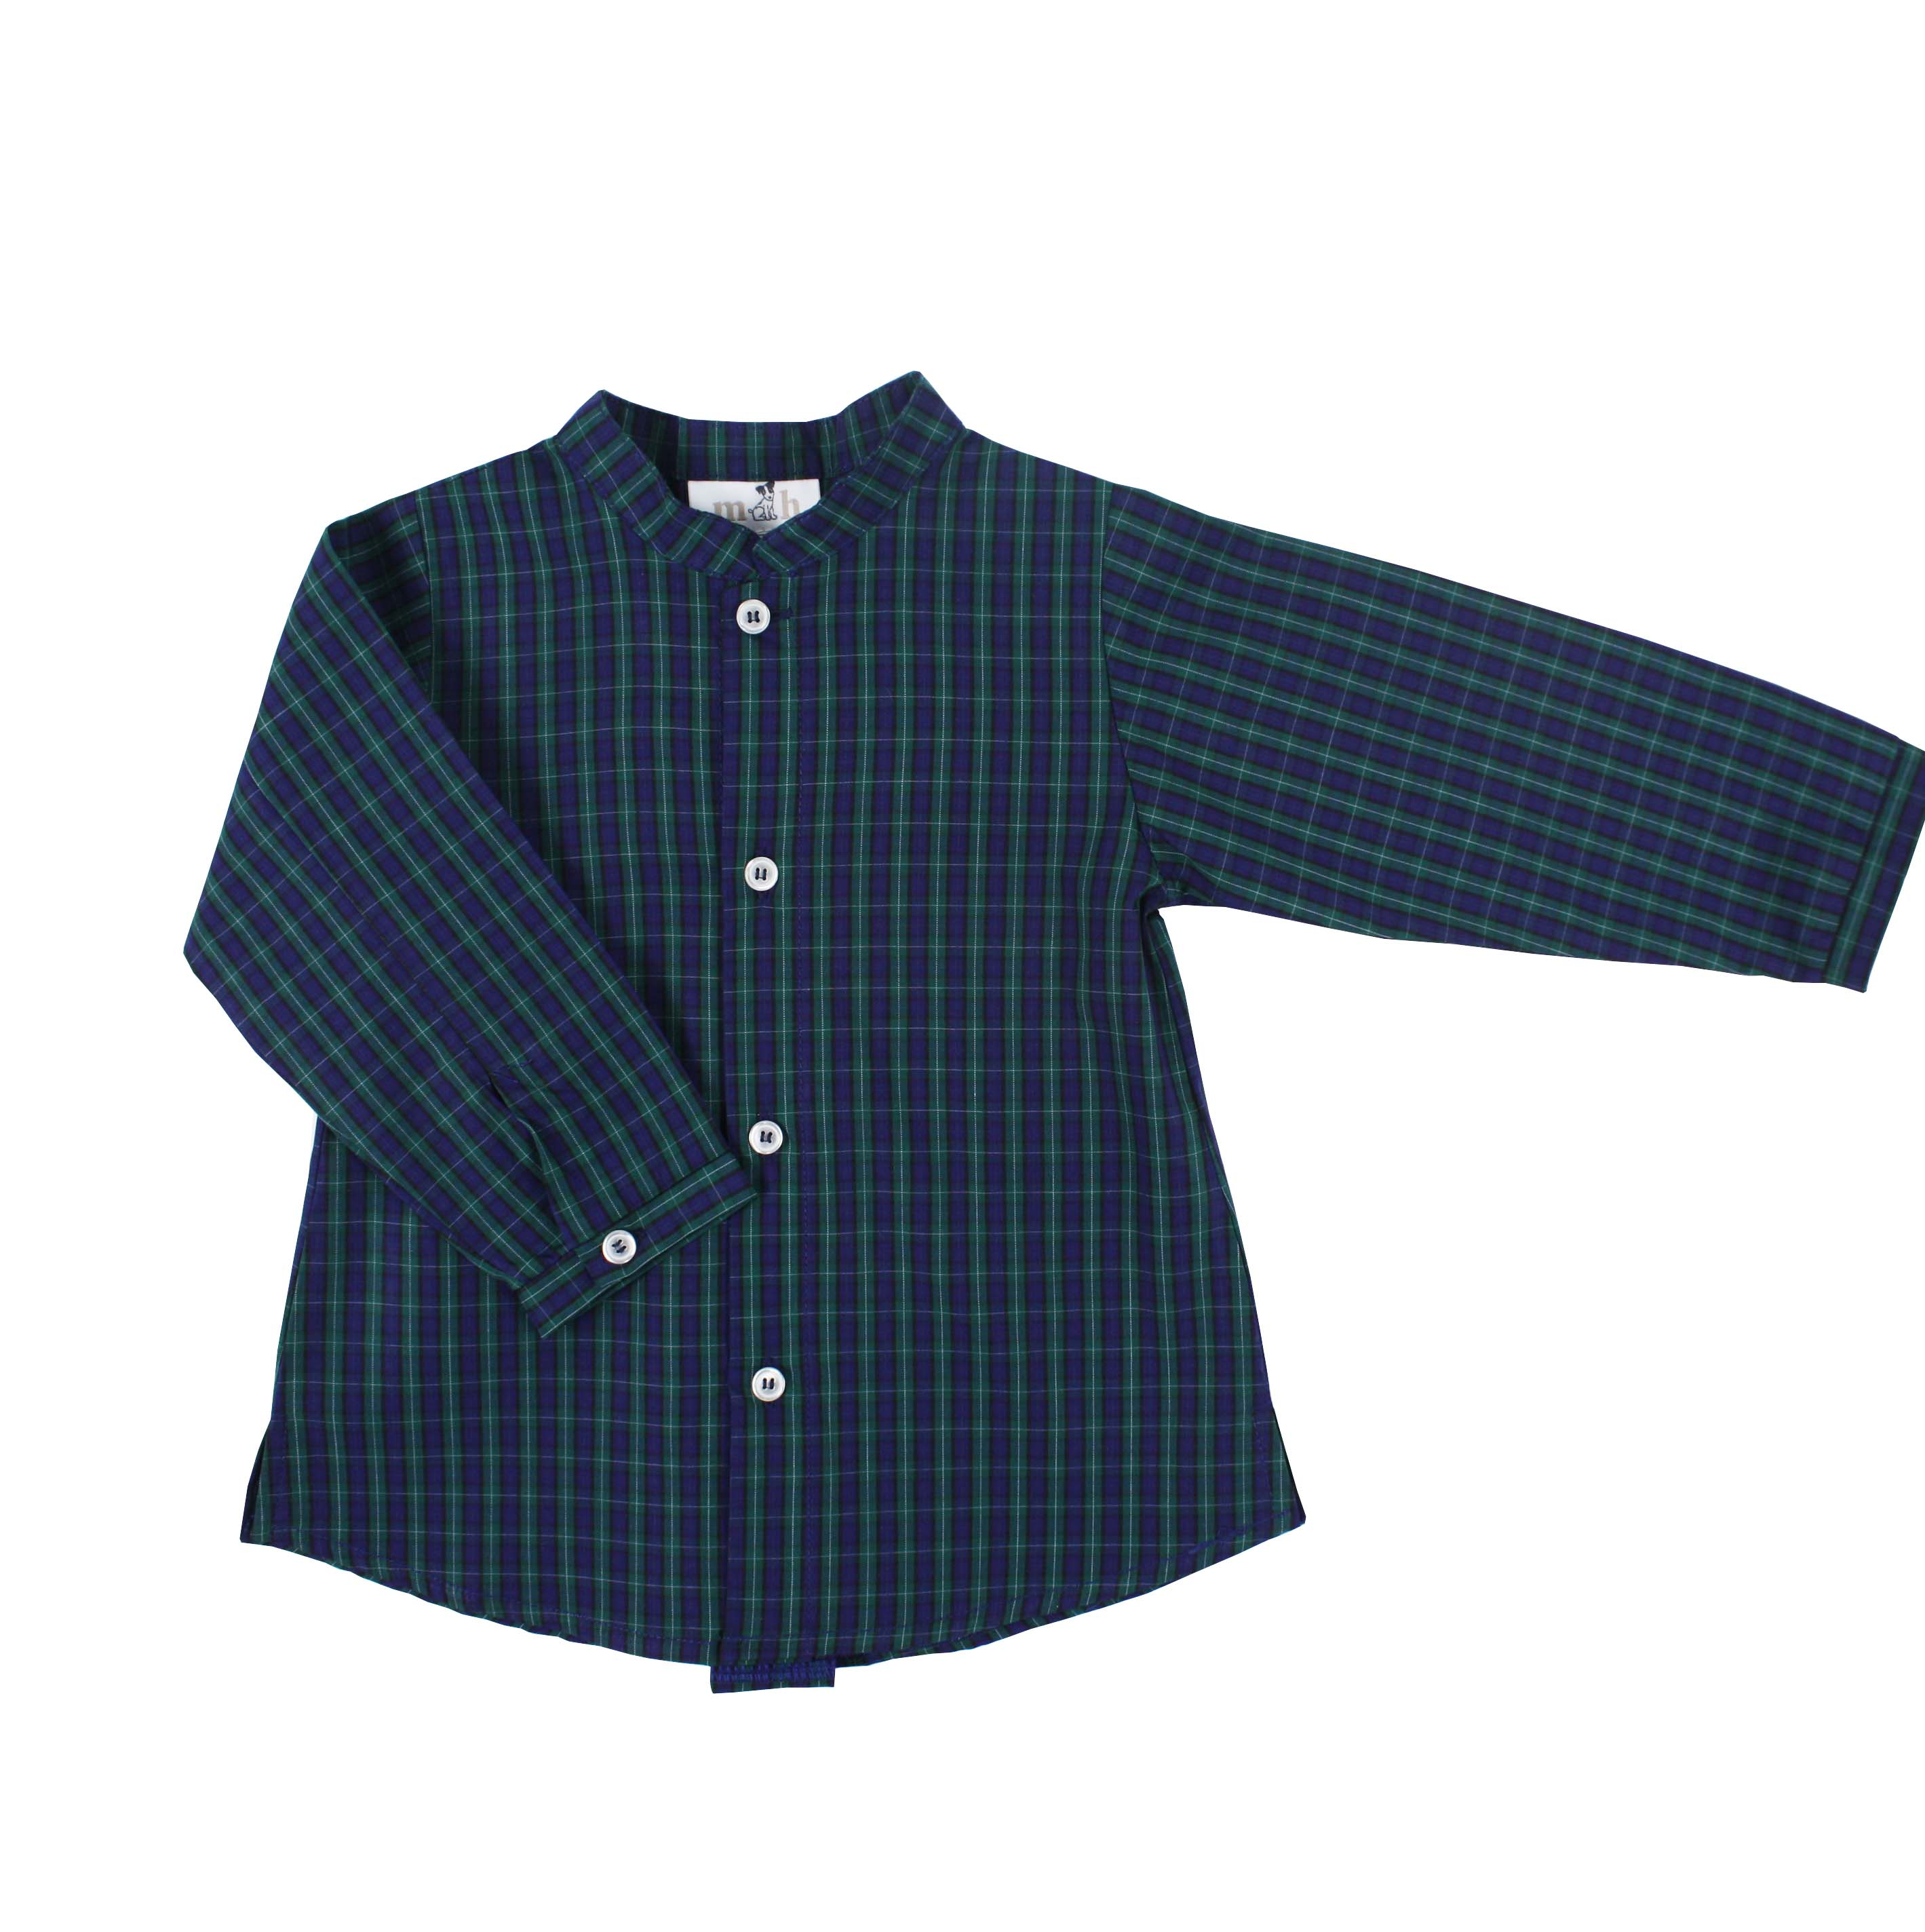 e663de567 Camisa manga larga cuadro escocés verde y marino cuello mao. camisa niño cuello  mao escocés